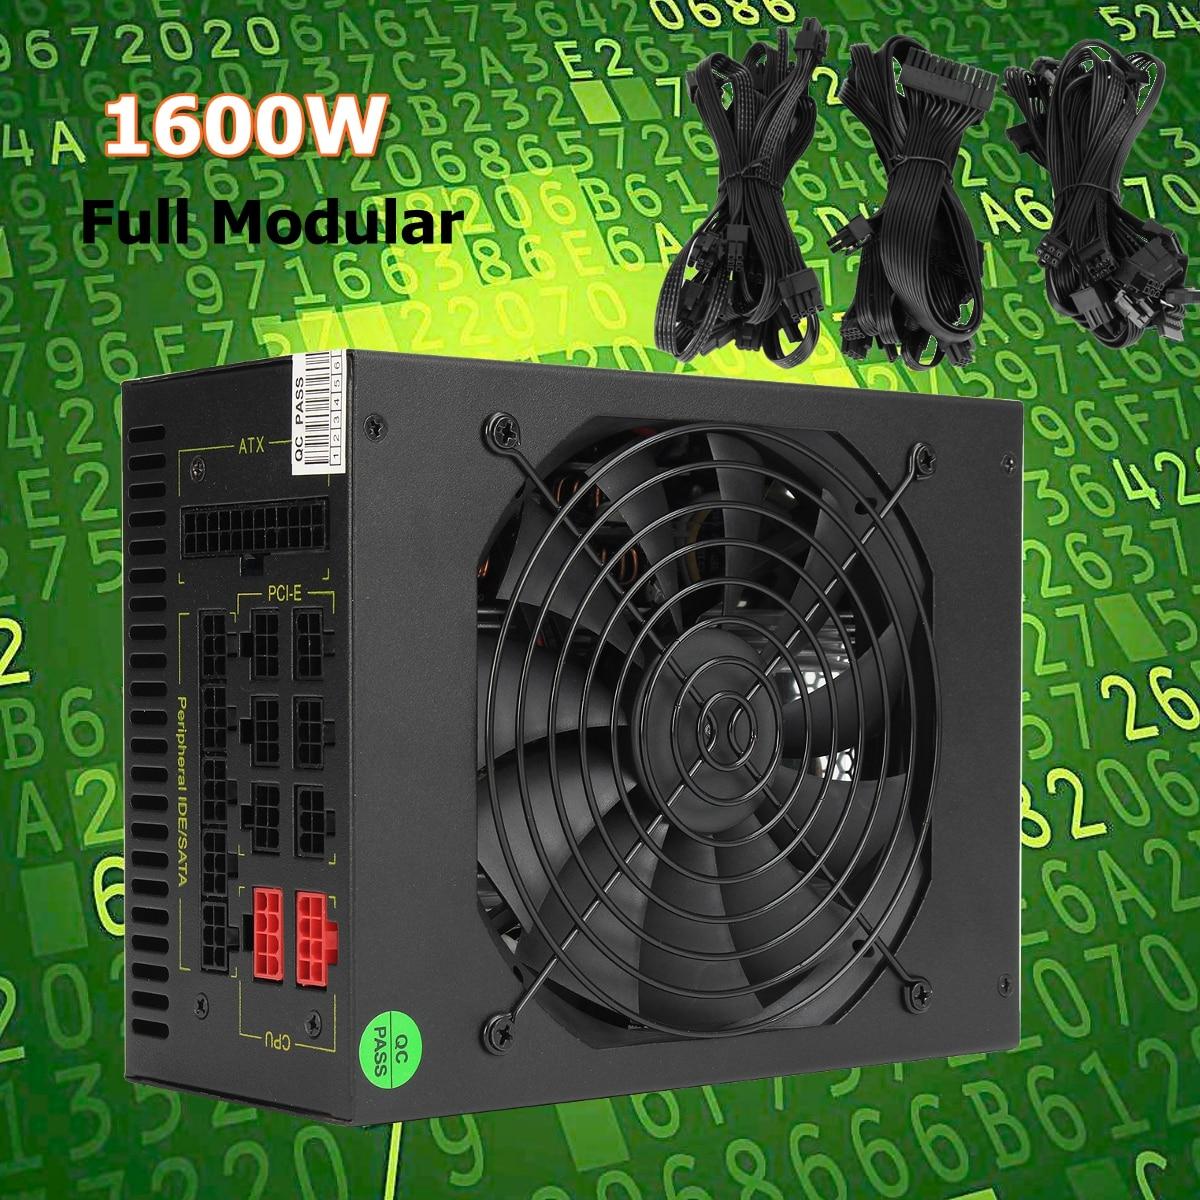 1600 W modulaire alimentation minière GPU pour Bitcoin Miner Eth Rig S7 S9 L3 + D3 haute qualité ordinateur alimentation pour BTC